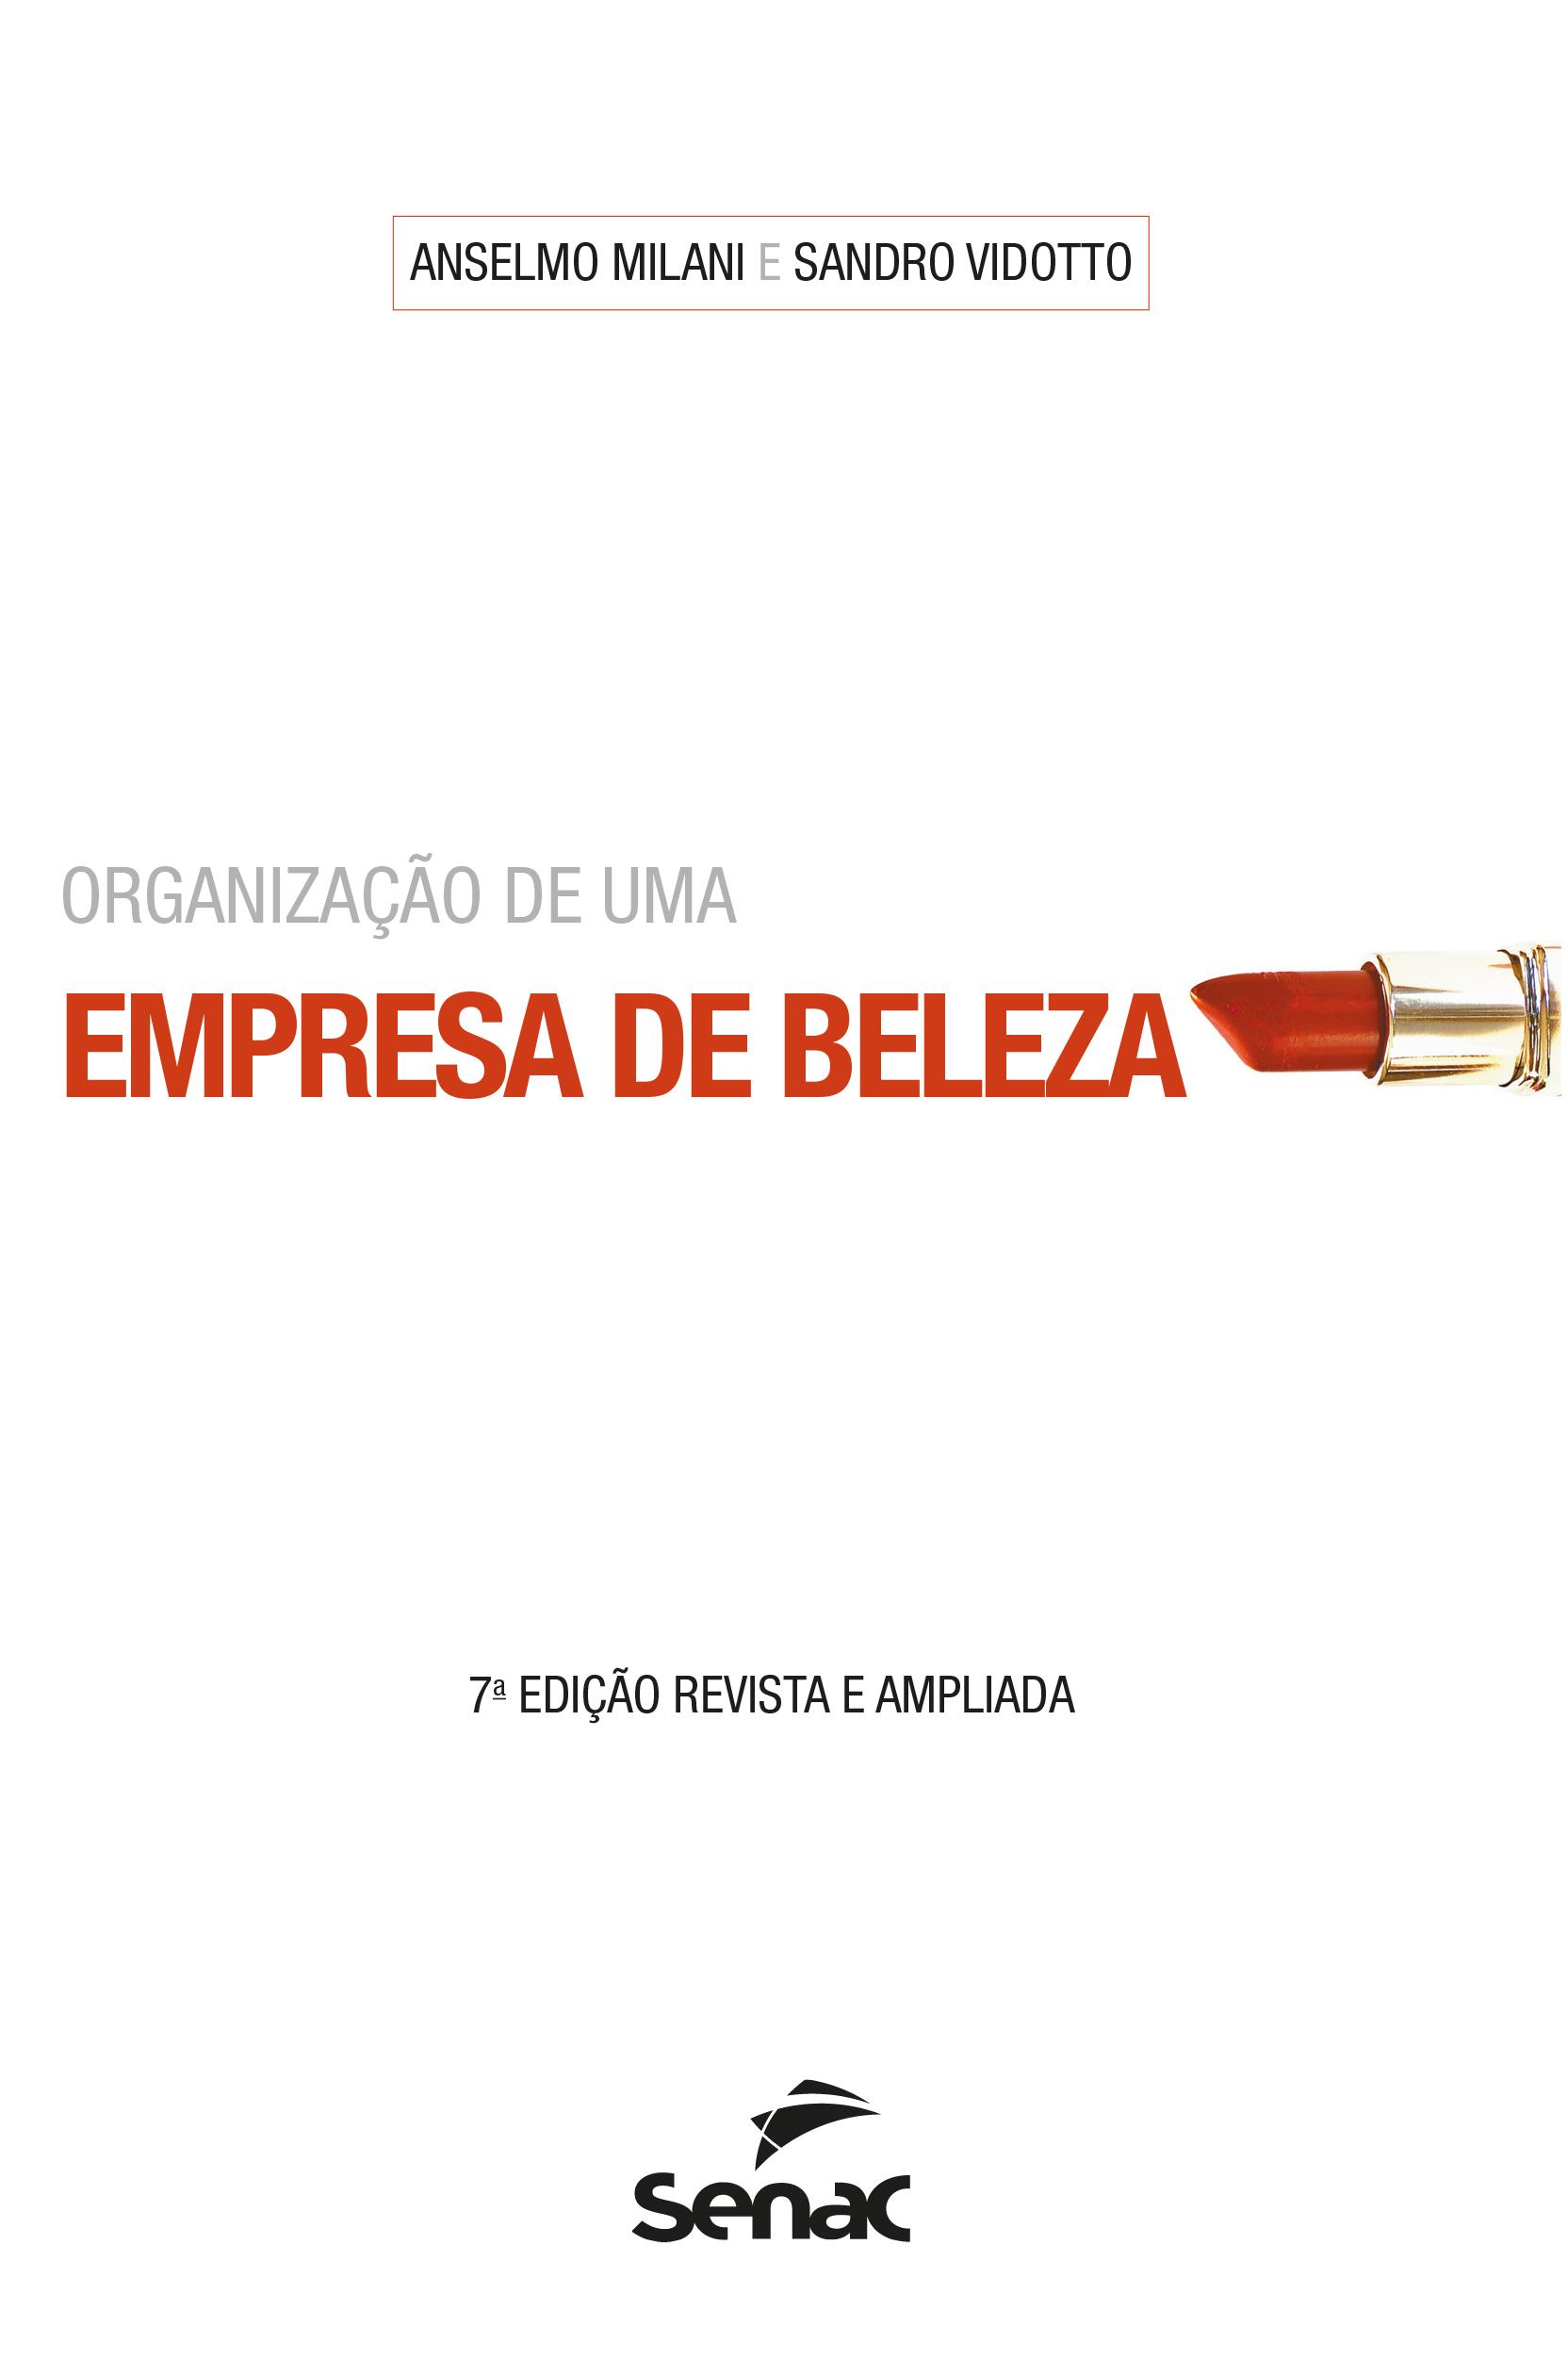 Organização de uma empresa de beleza  - 7.a EDIÇÃO